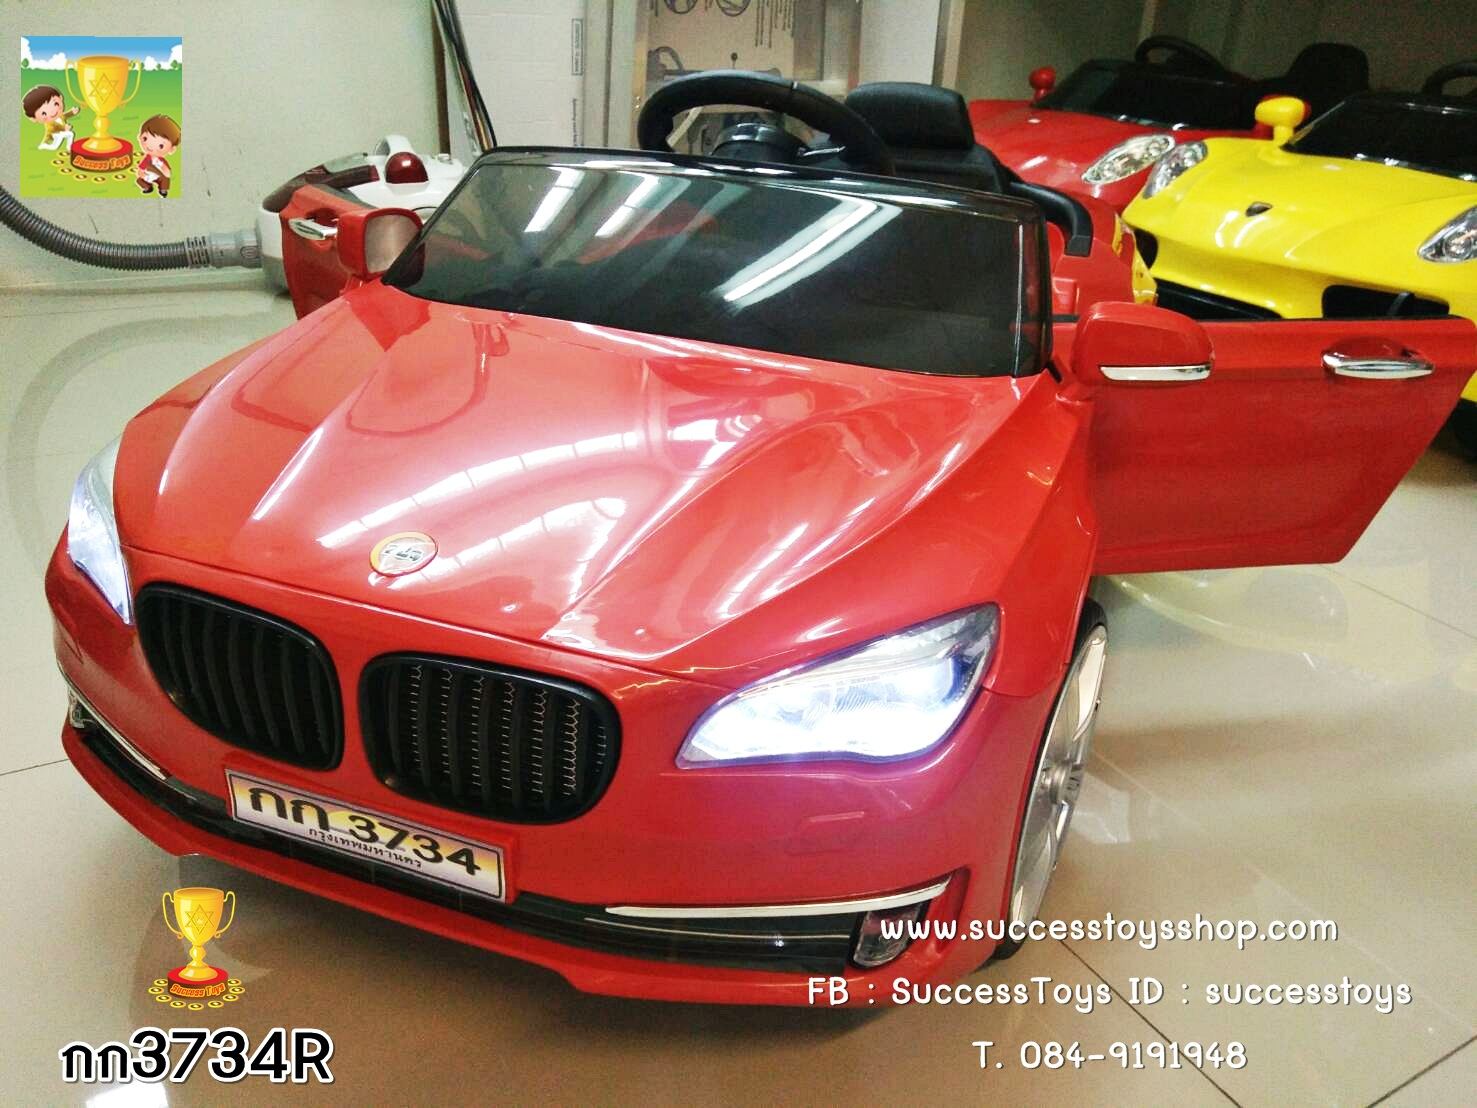 กก3734 รถแบตเตอรี่เด็กนั่งไฟฟ้า รถ BWM 2 มอเตอร์ มี3สี แดง เหลือง ขาว